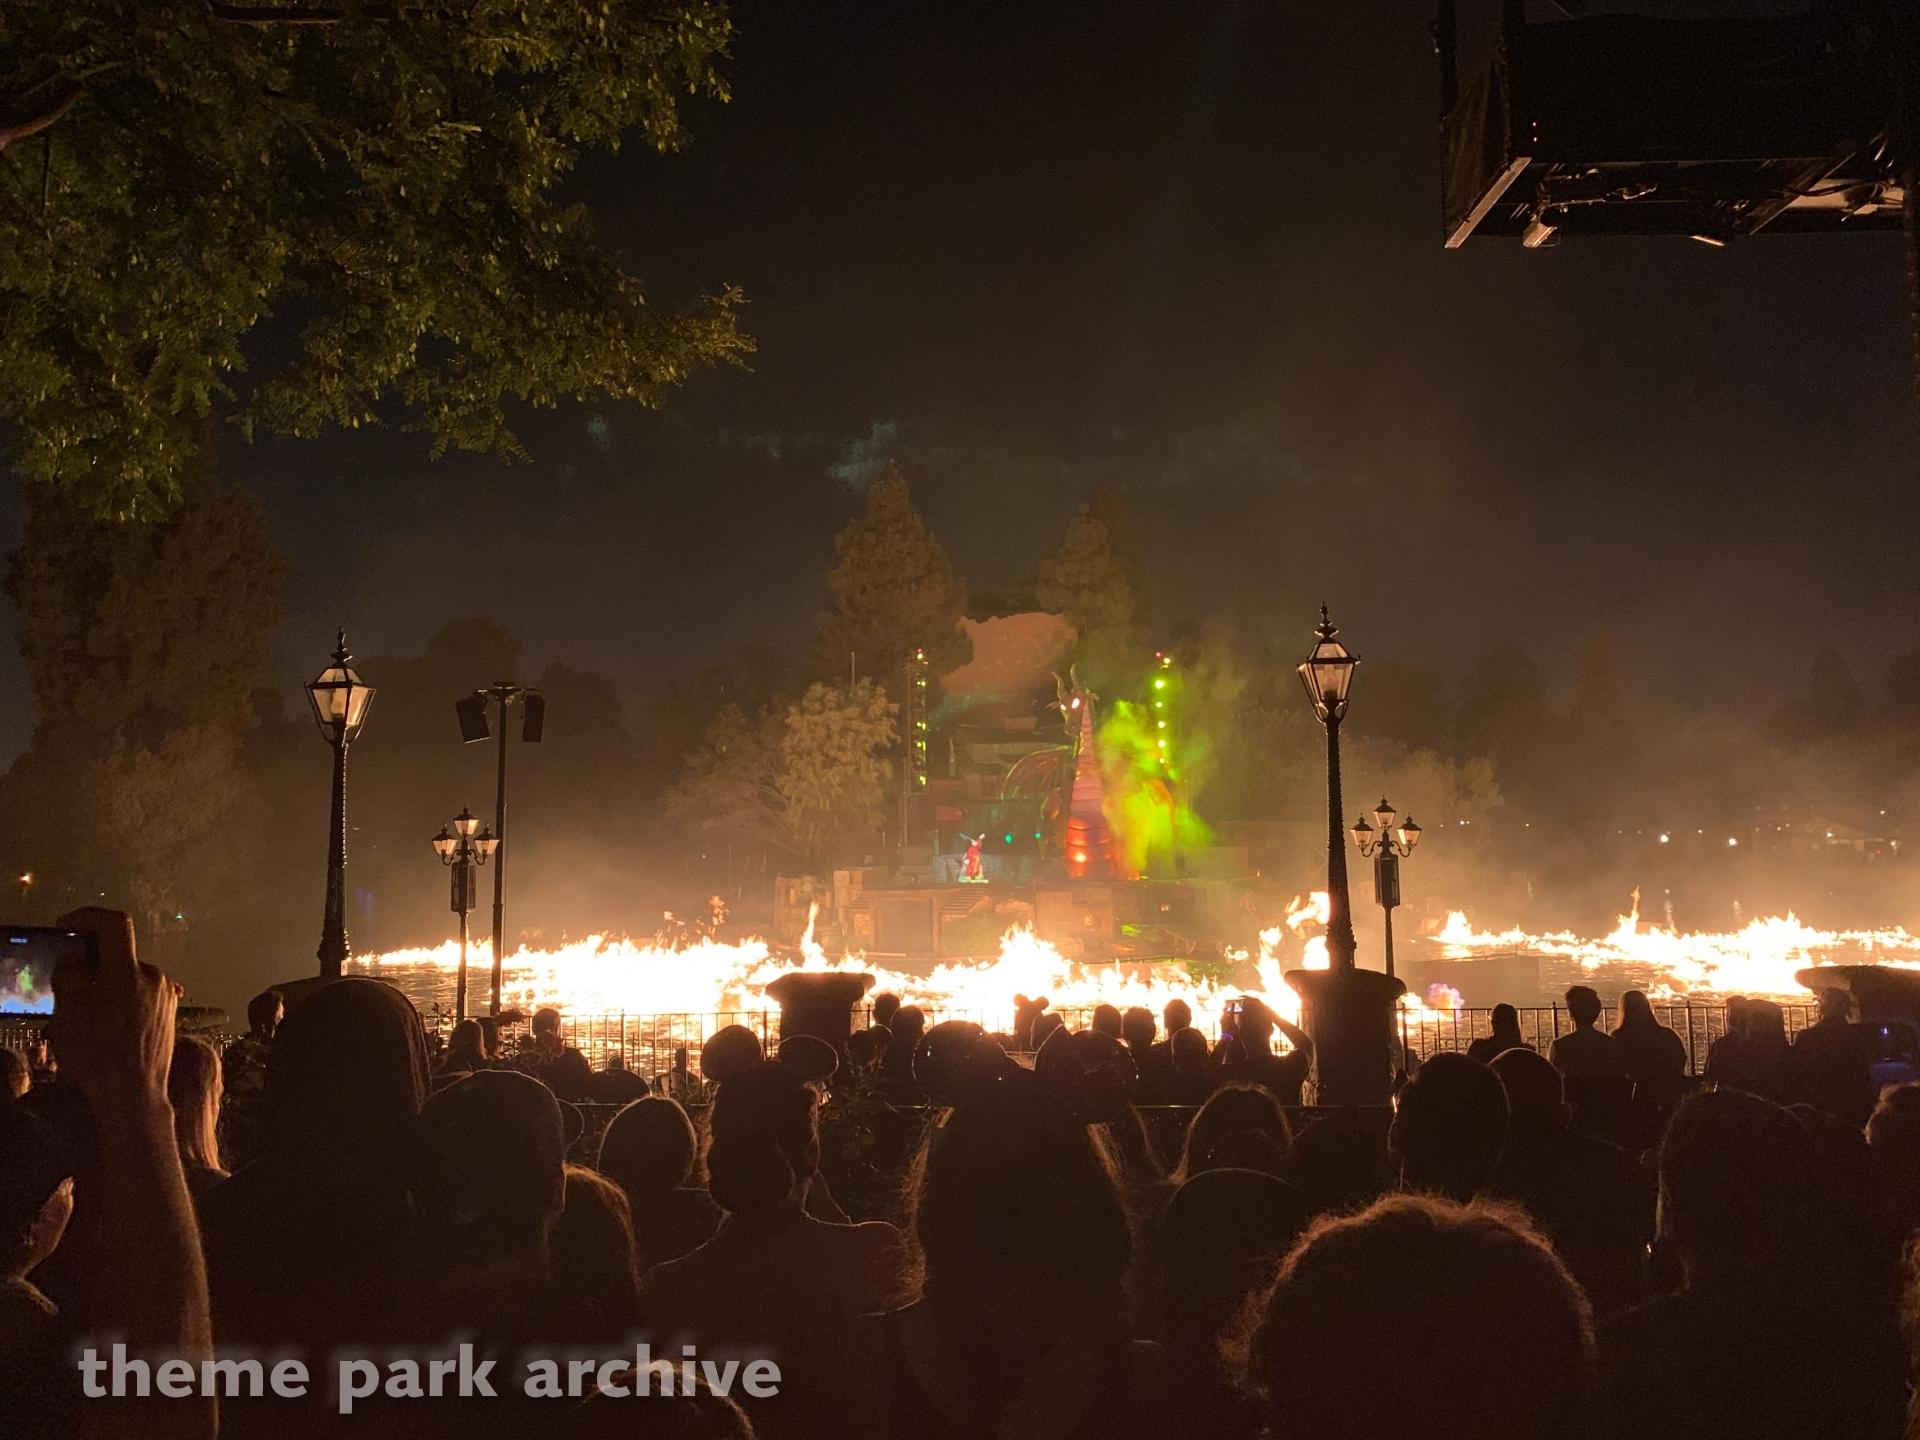 Fantasmic at Disneyland